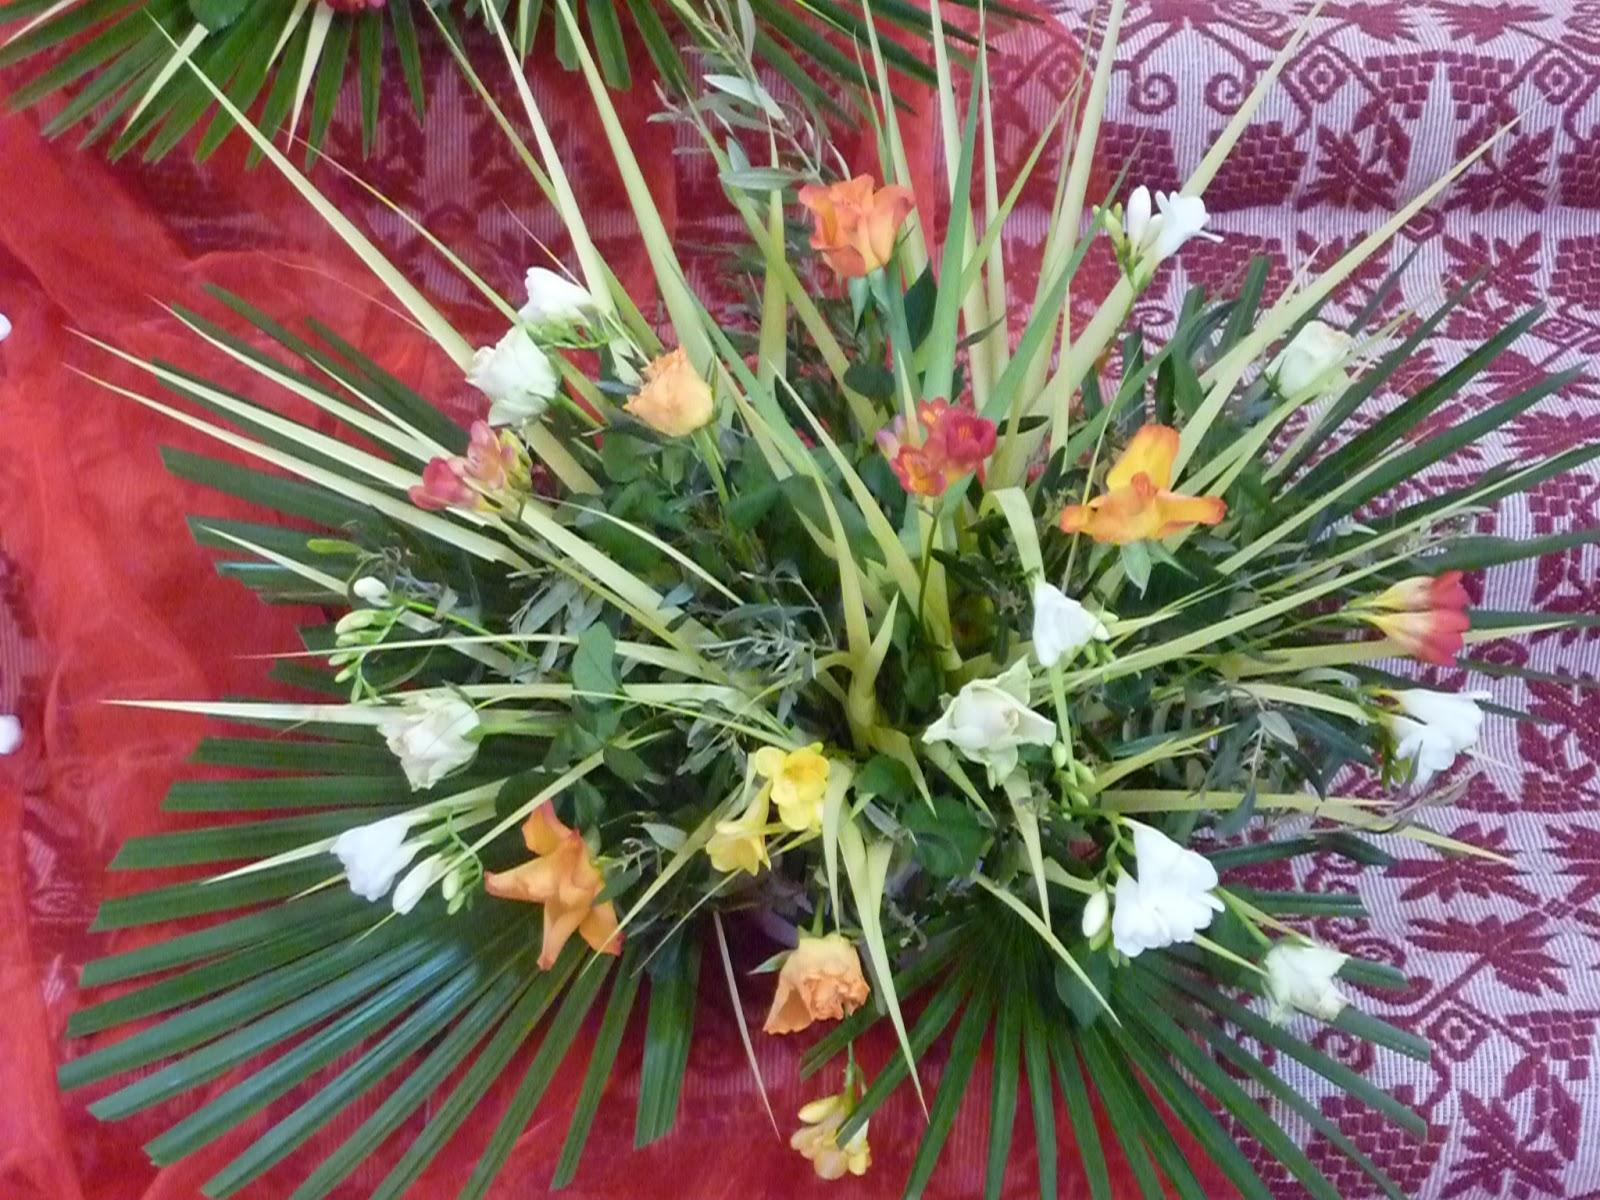 Arte floreale per la liturgia fioritura per la domenica - Colorazione pagine palma domenica ...